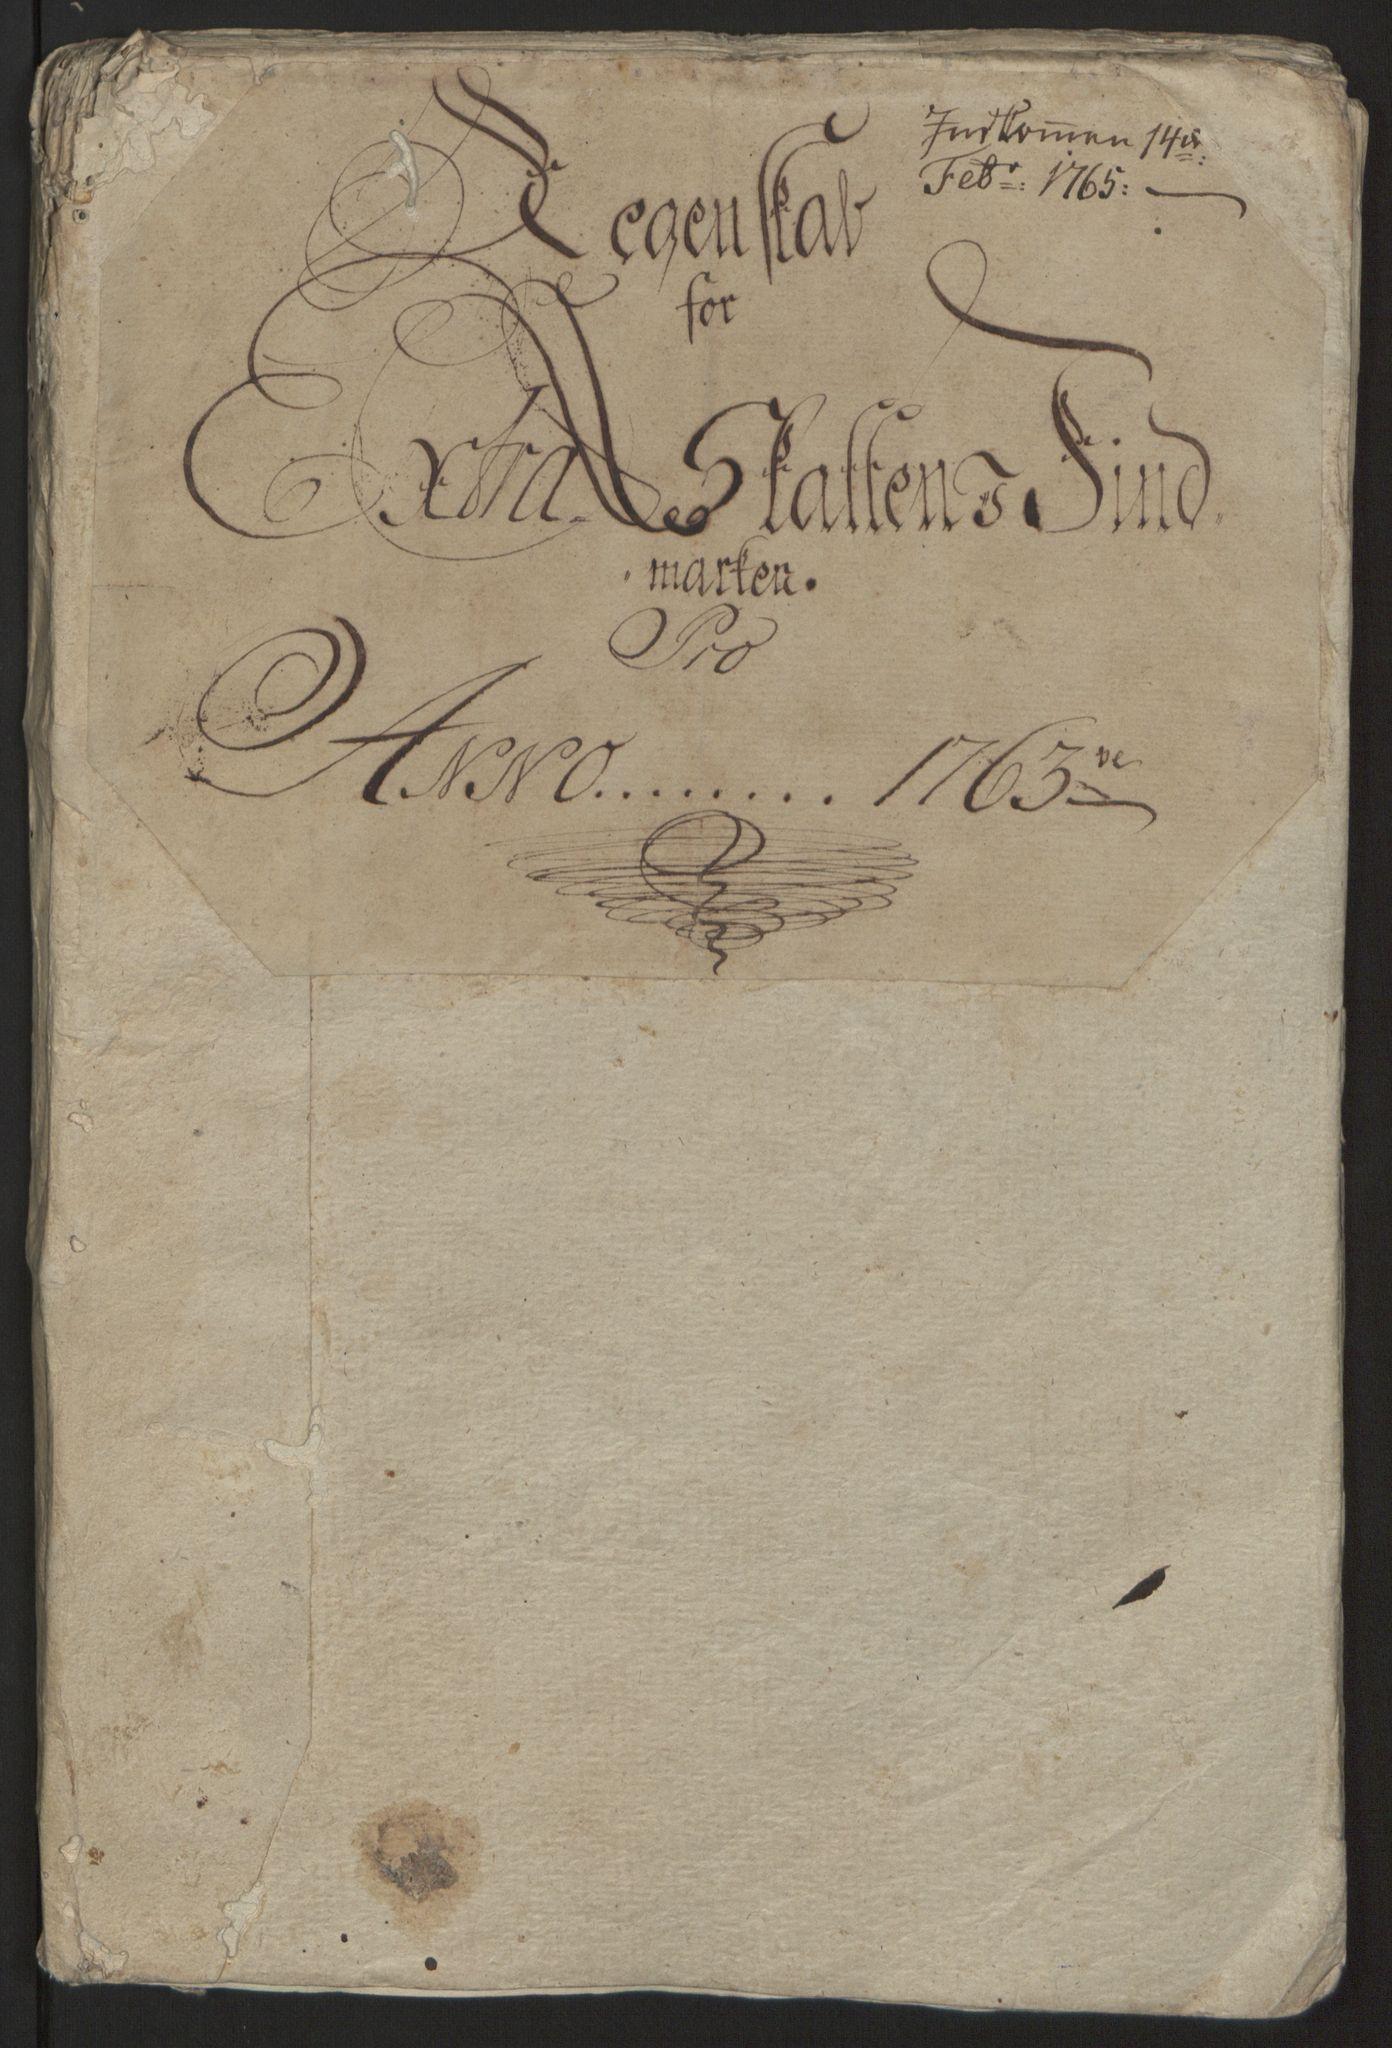 RA, Rentekammeret inntil 1814, Reviderte regnskaper, Fogderegnskap, R69/L4910: Ekstraskatten  Finnmark/Vardøhus, 1762-1772, s. 36